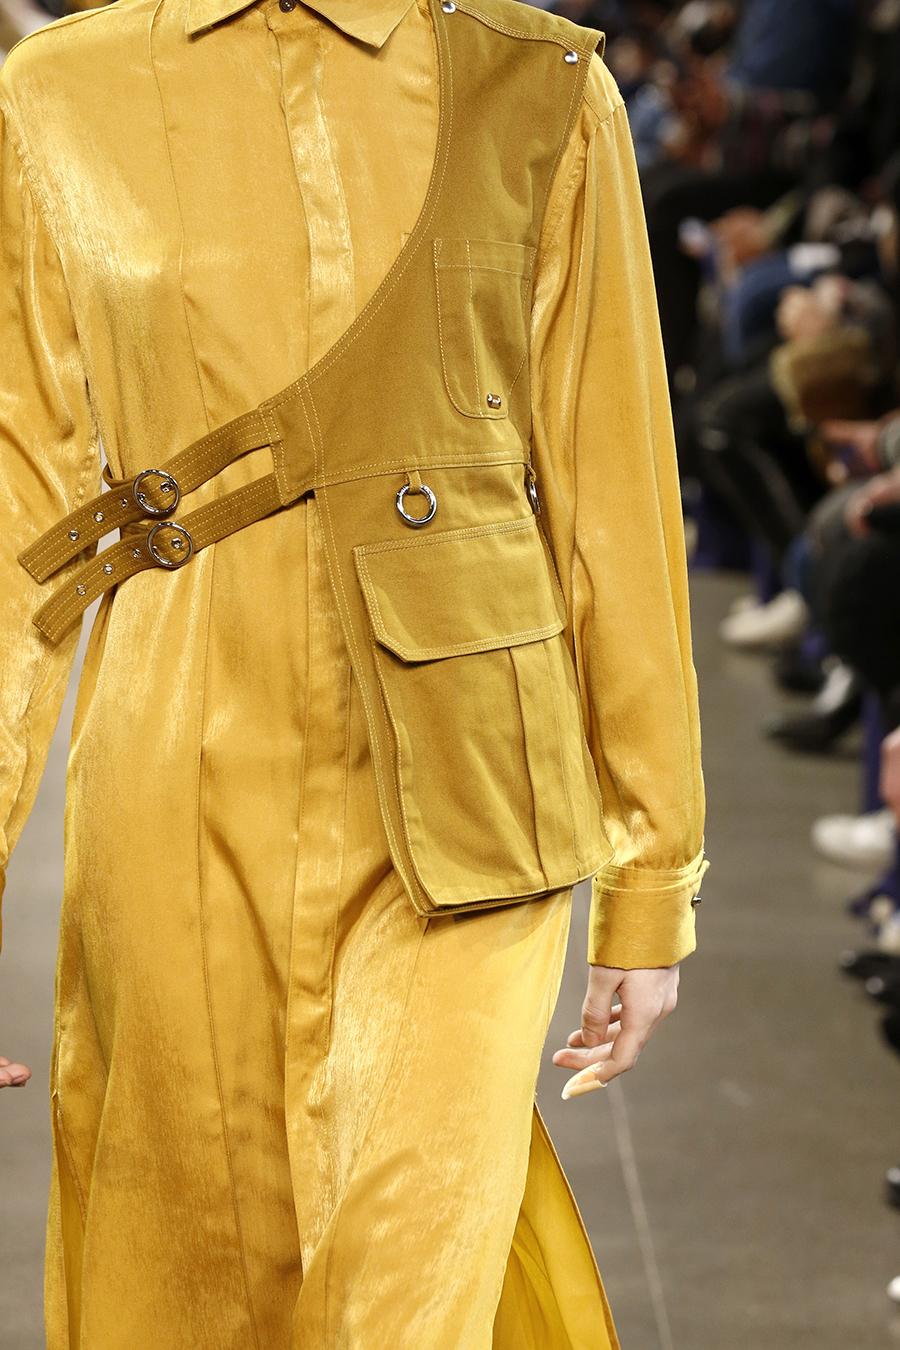 модная сумка поясная бананка на пояс осень зима 2020 2021 фелтая горчичная фартук слинг